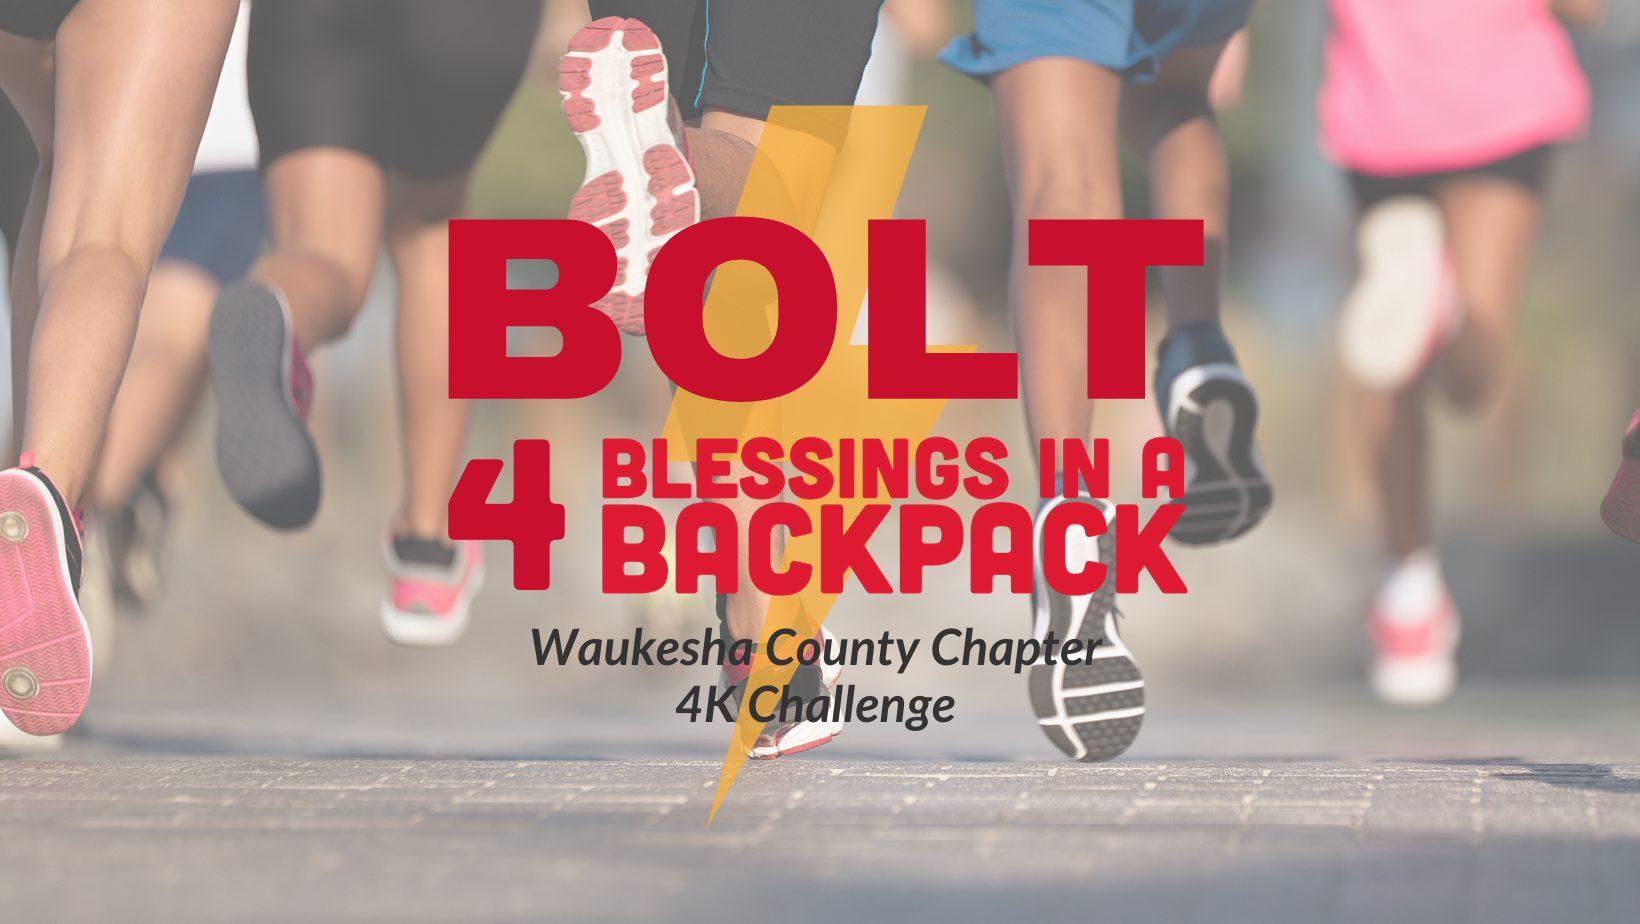 Bolt 4 Blessings 4K Challenge Raised $19,000 to Feed Waukesha Kids